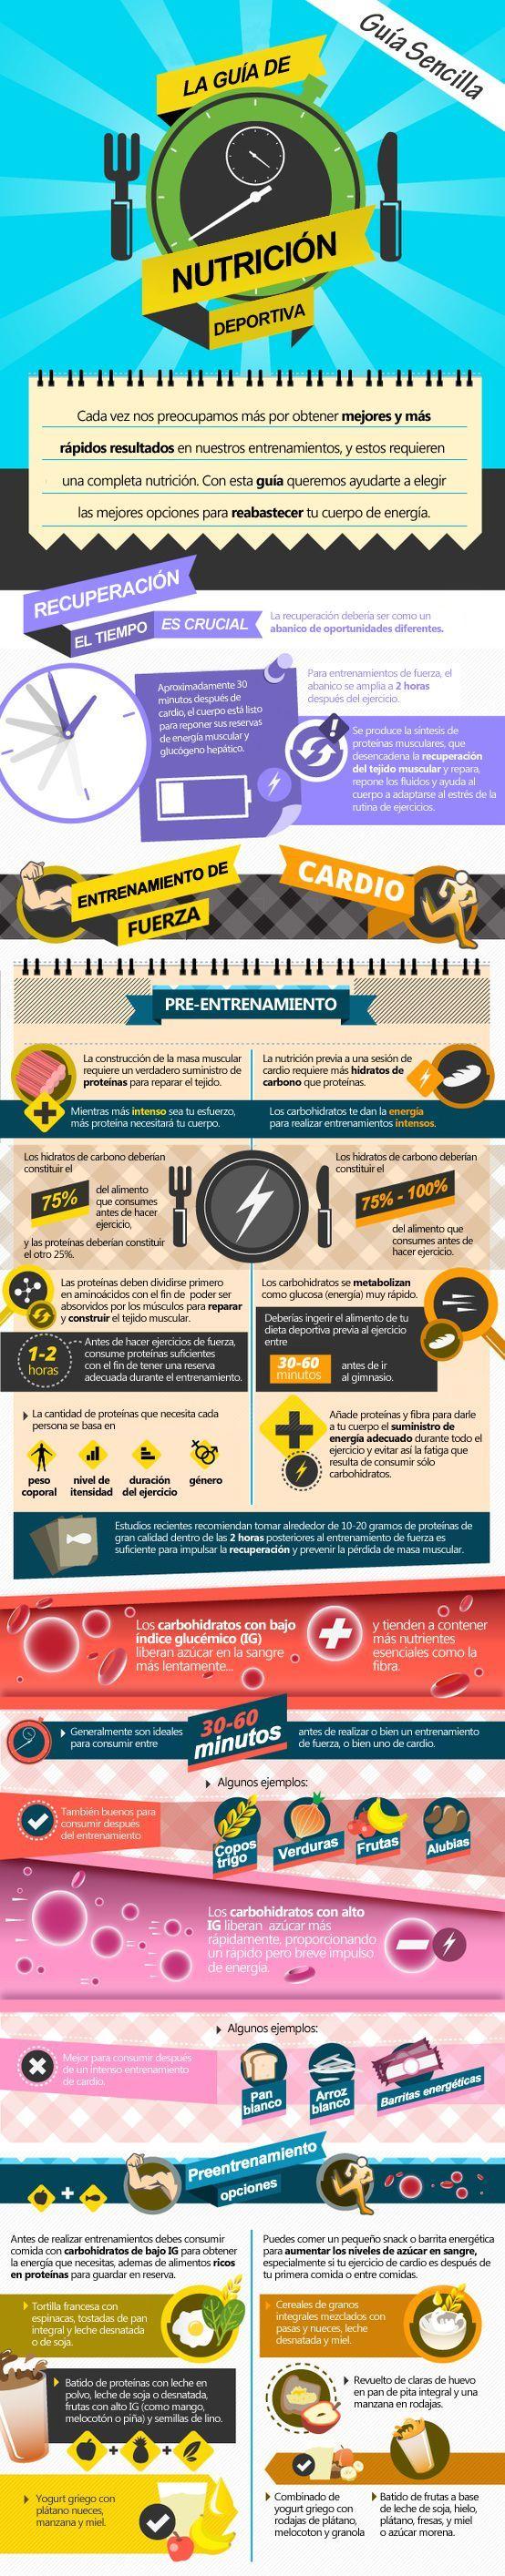 Guía de nutrición deportiva en infografías (Parte 1). #nutrición #infografia #infographic